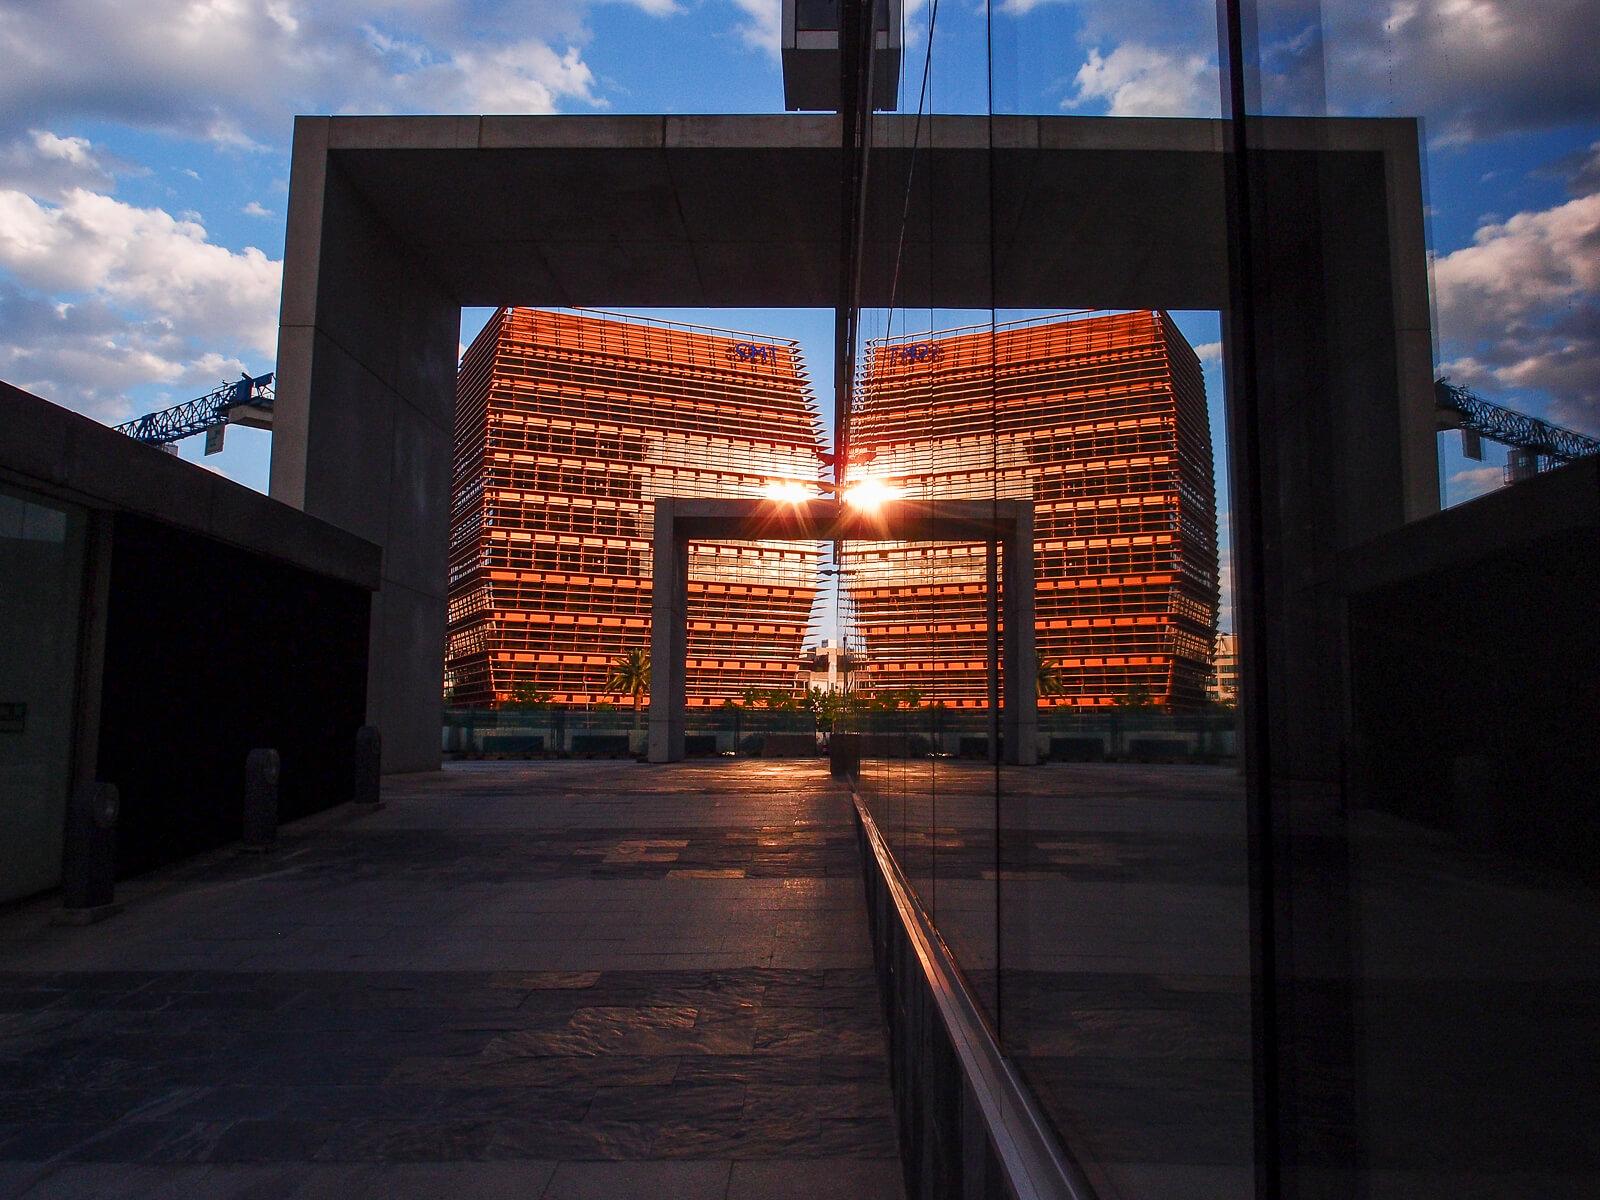 Barcelona Street Photography, CNMC building mirror, Comision Nacional Mercados Competencia